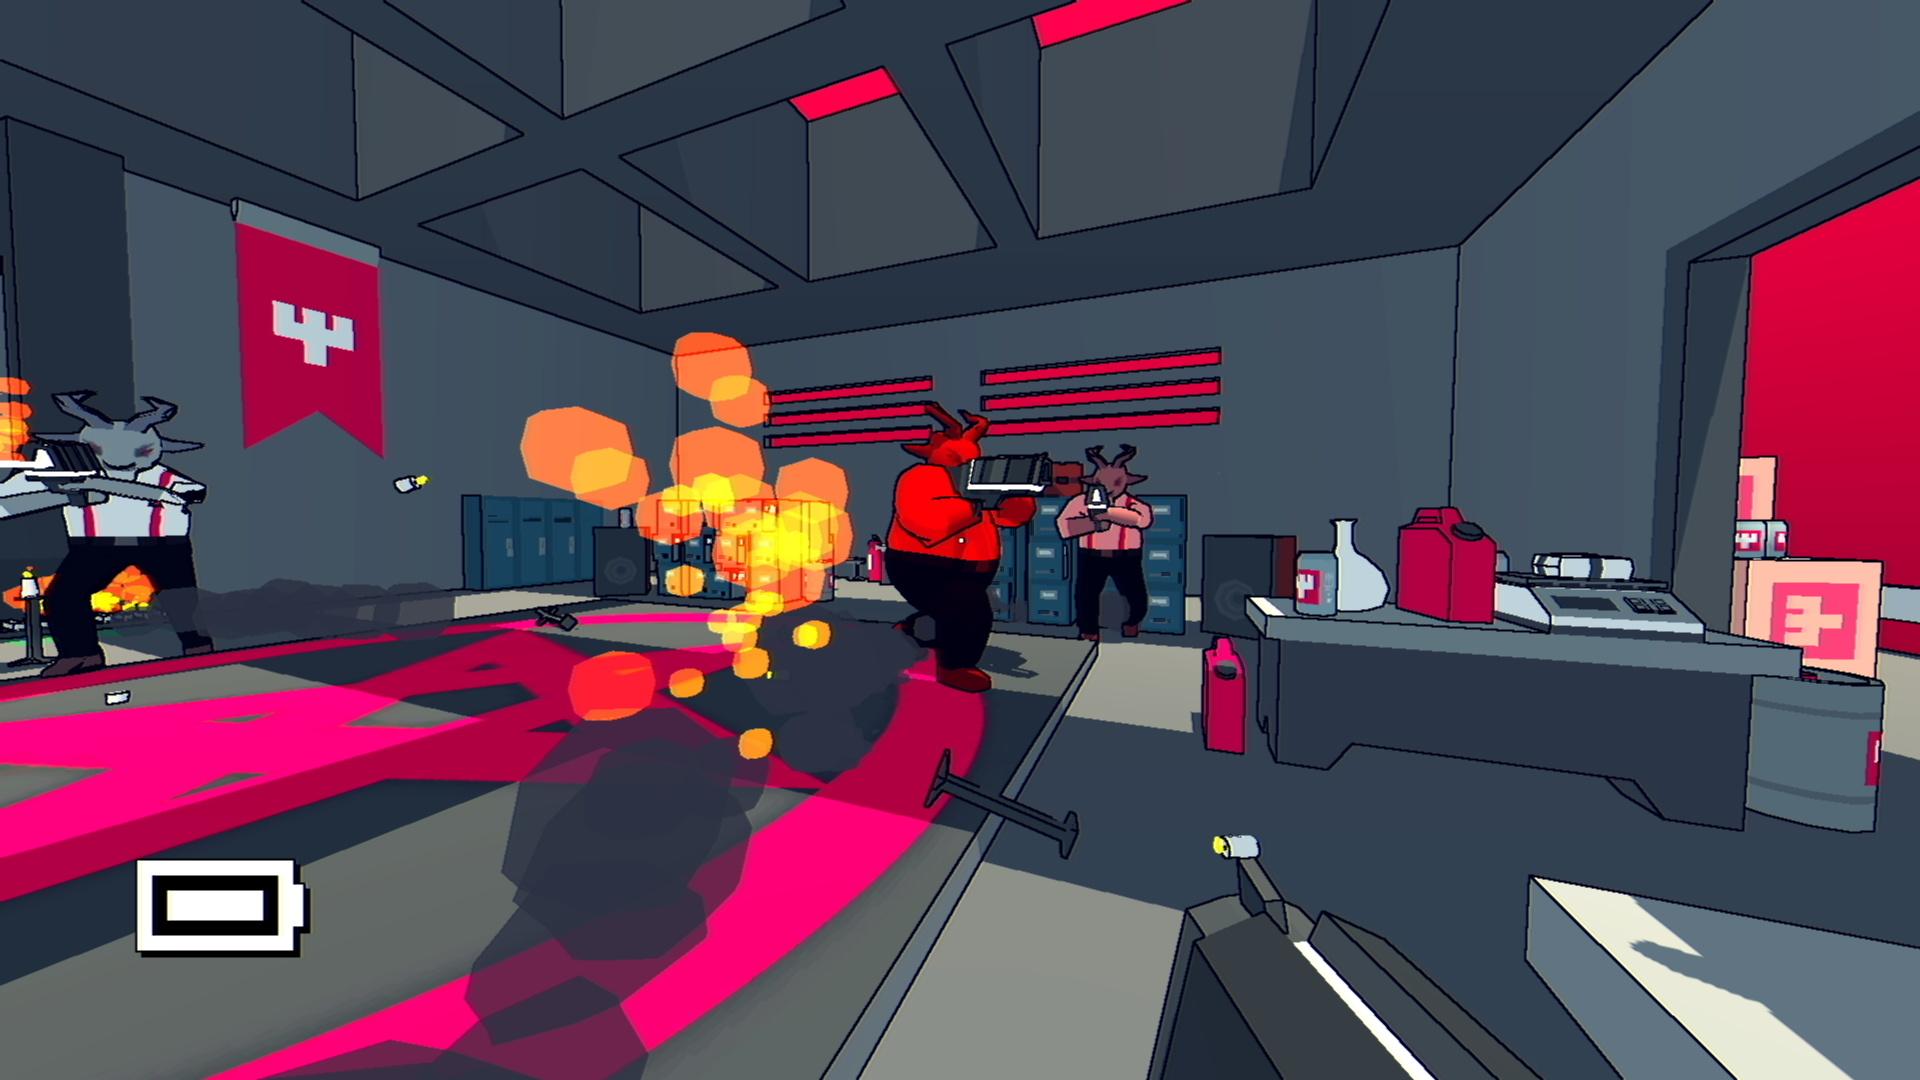 Oui, là j'affronte trois boucs géants armés de bazooka laser. Ça n'a rien à voir, mais je trouve qu'on ne parle pas assez des ravages du LSD dans le monde des développeurs de jeu vidéo.